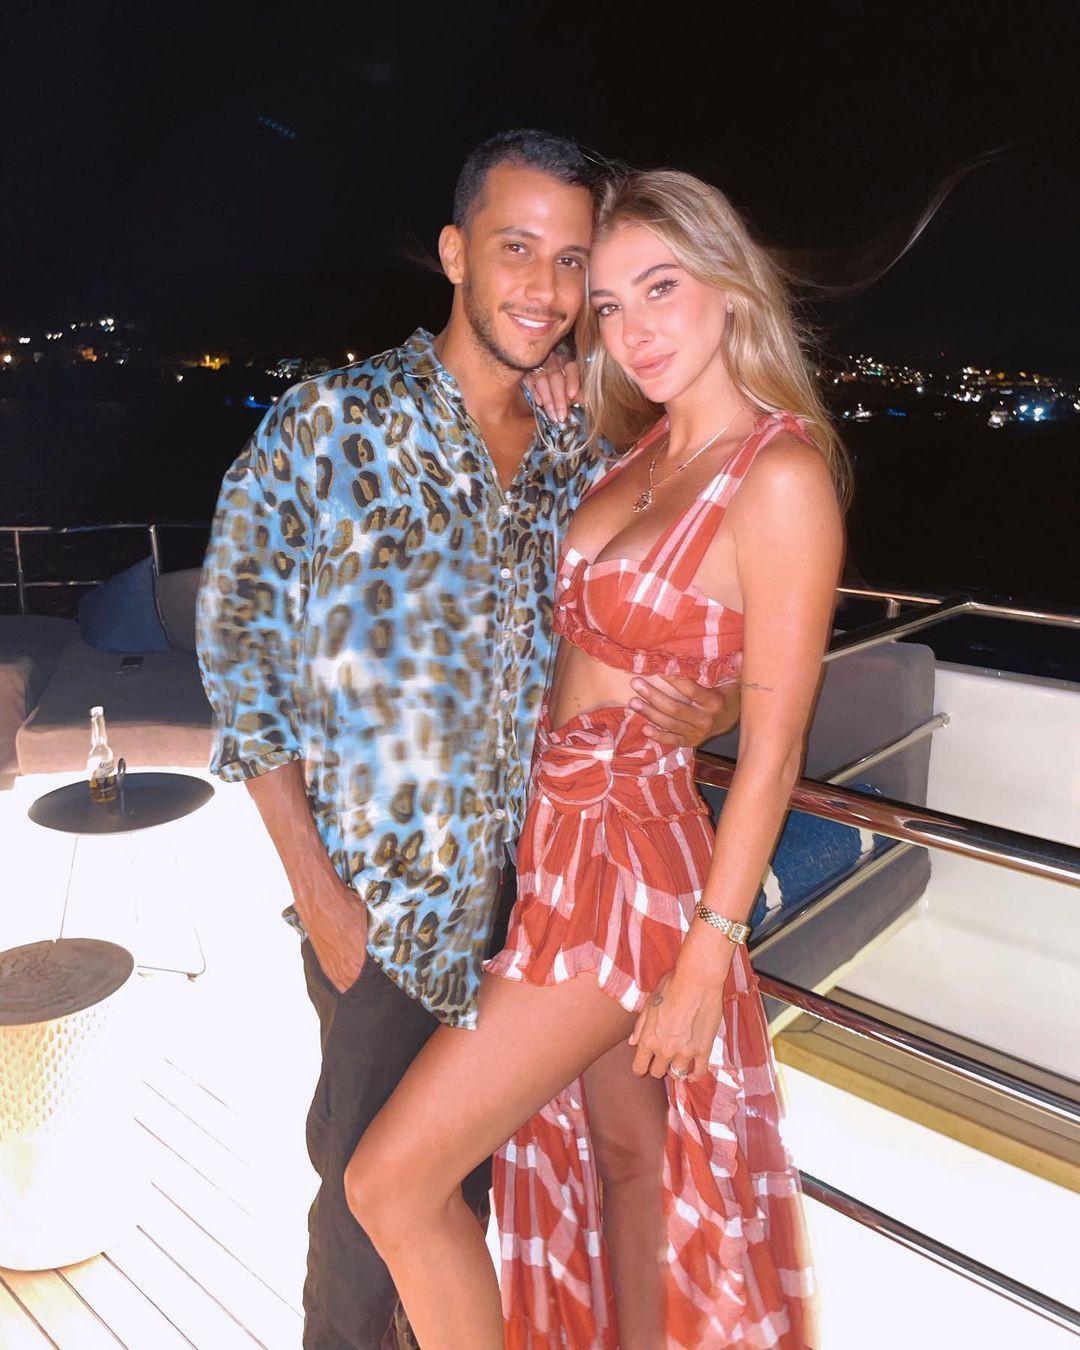 Mısır'da tatilde olan Şeyma Subaşı şaha kalktı! Aşk tam gaz devam ediyor... - Sayfa 1